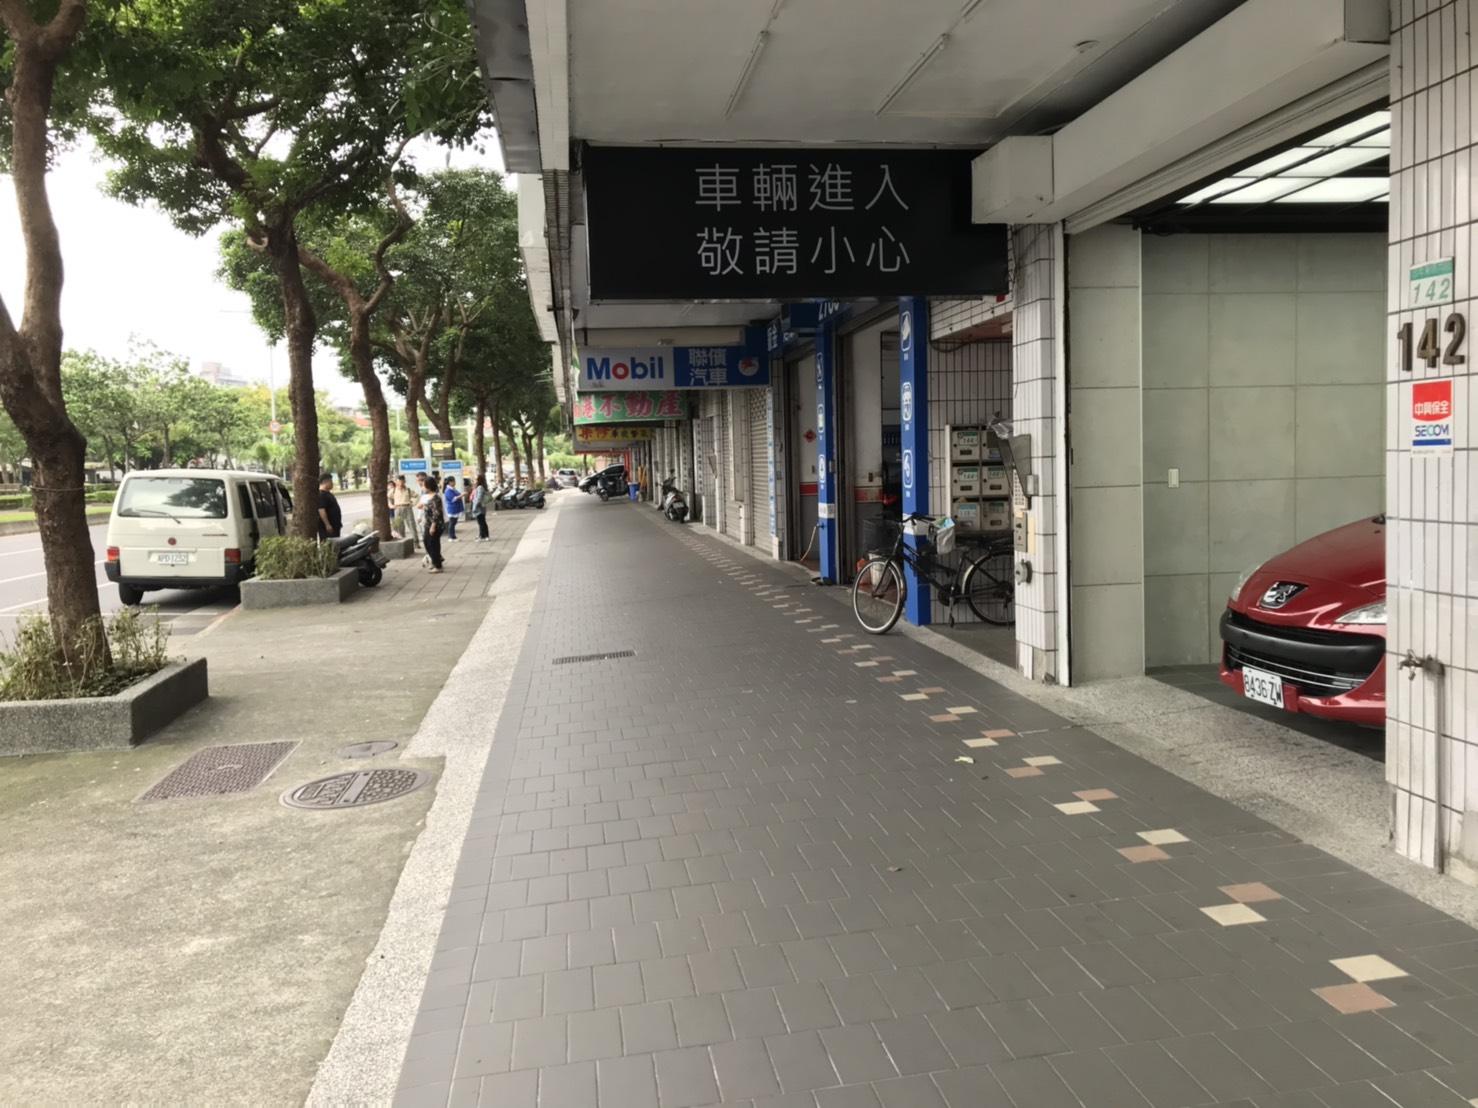 協調商家出入口-騎樓-人行道全段騎樓順平,整體規劃設置視障者追跡線及選用具良好防滑性及耐污性之材質